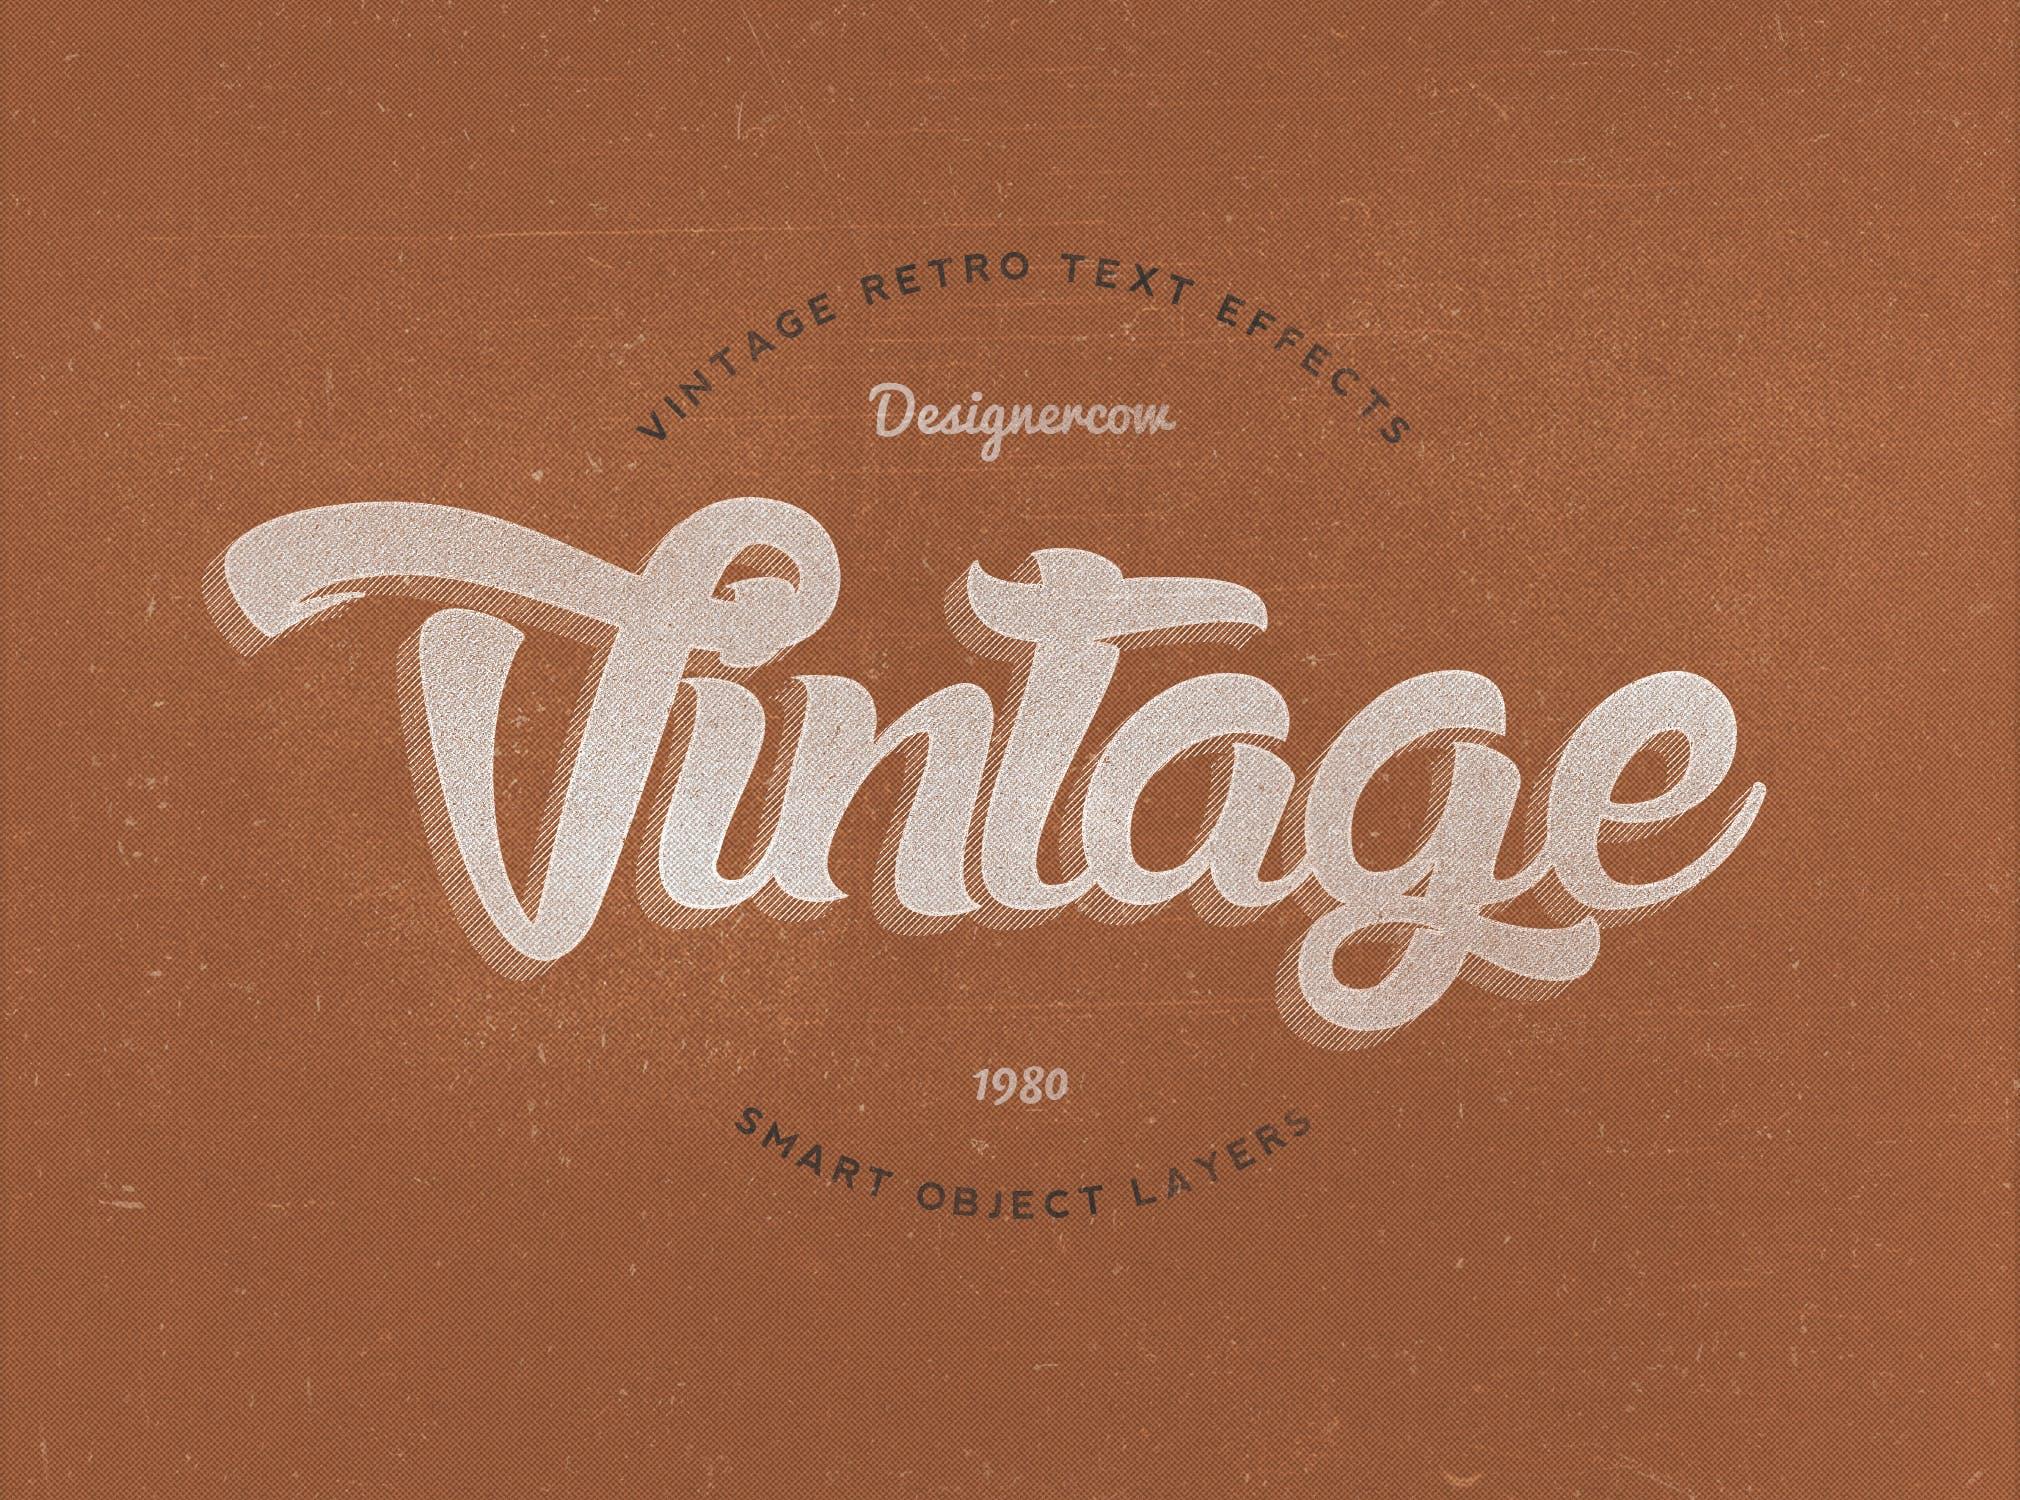 14款老式复古3D立体效果徽标标题字体设计PS样式模板 14 Vintage Retro Text Effects插图(10)